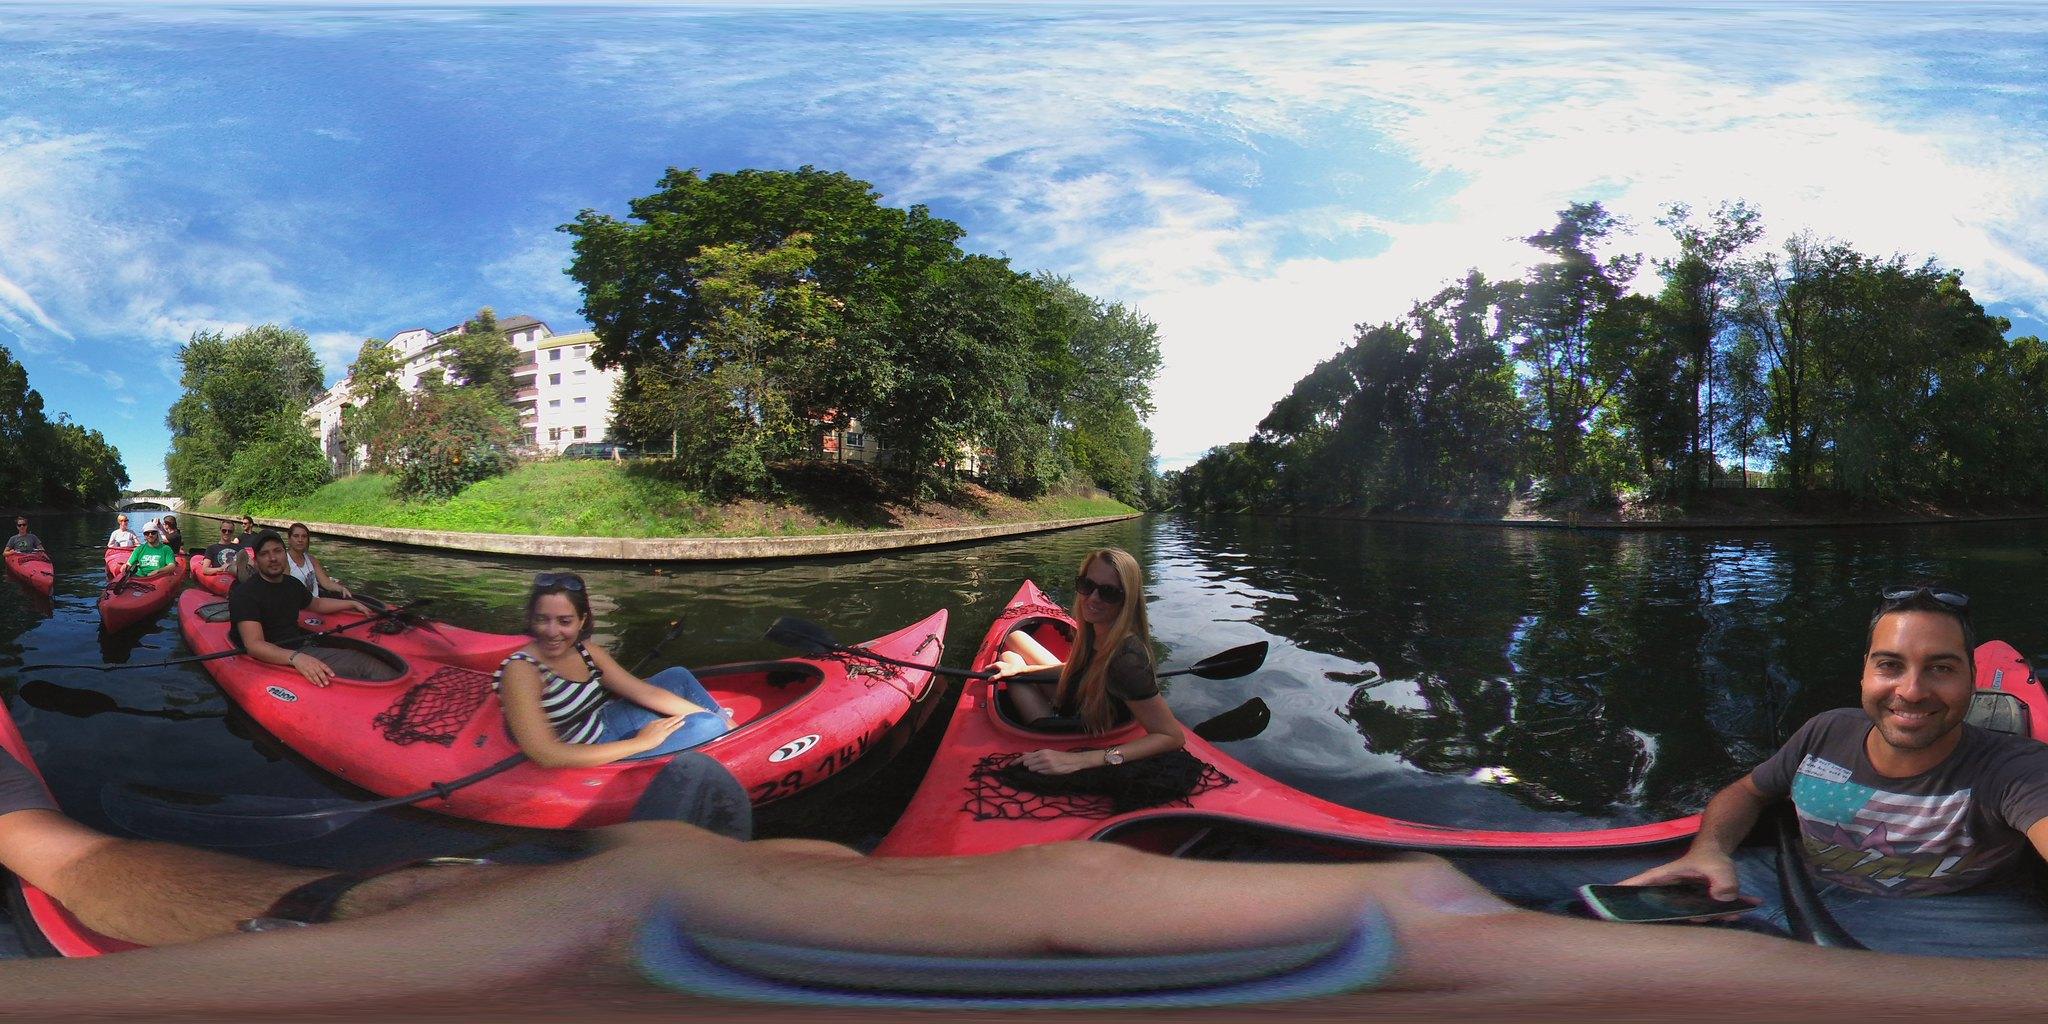 Berlin Canals